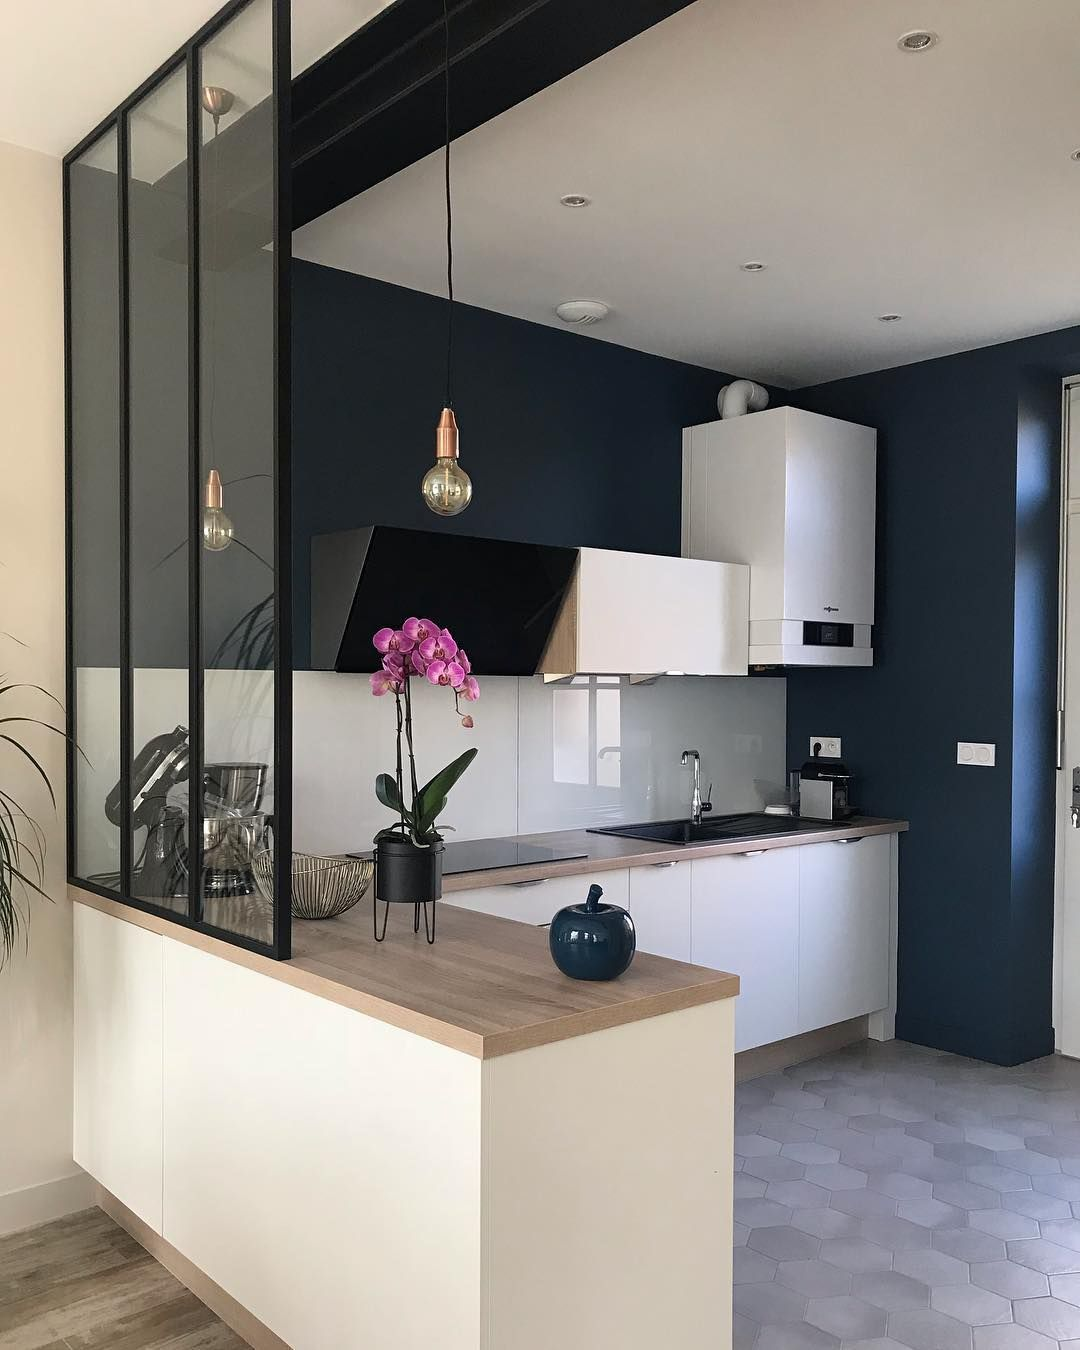 t voici notre cuisine termin e avant apr s tr s heureux. Black Bedroom Furniture Sets. Home Design Ideas